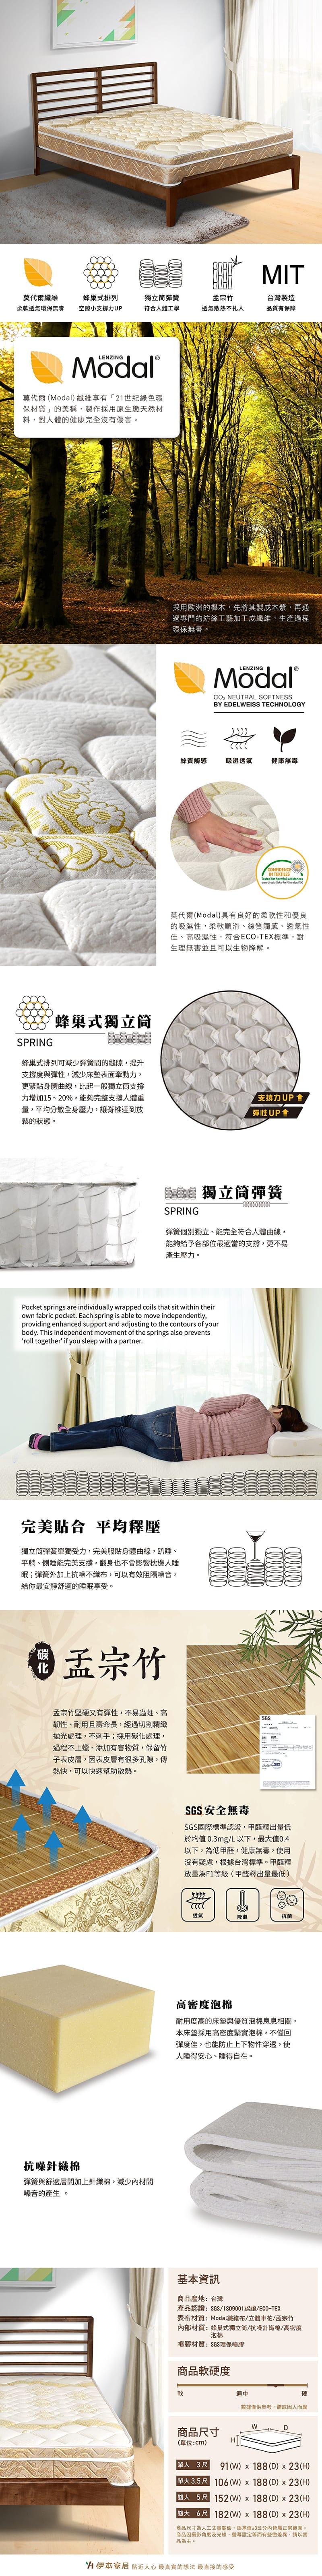 涼感硬式獨立筒床墊 雙人加大6尺(金剛系列)